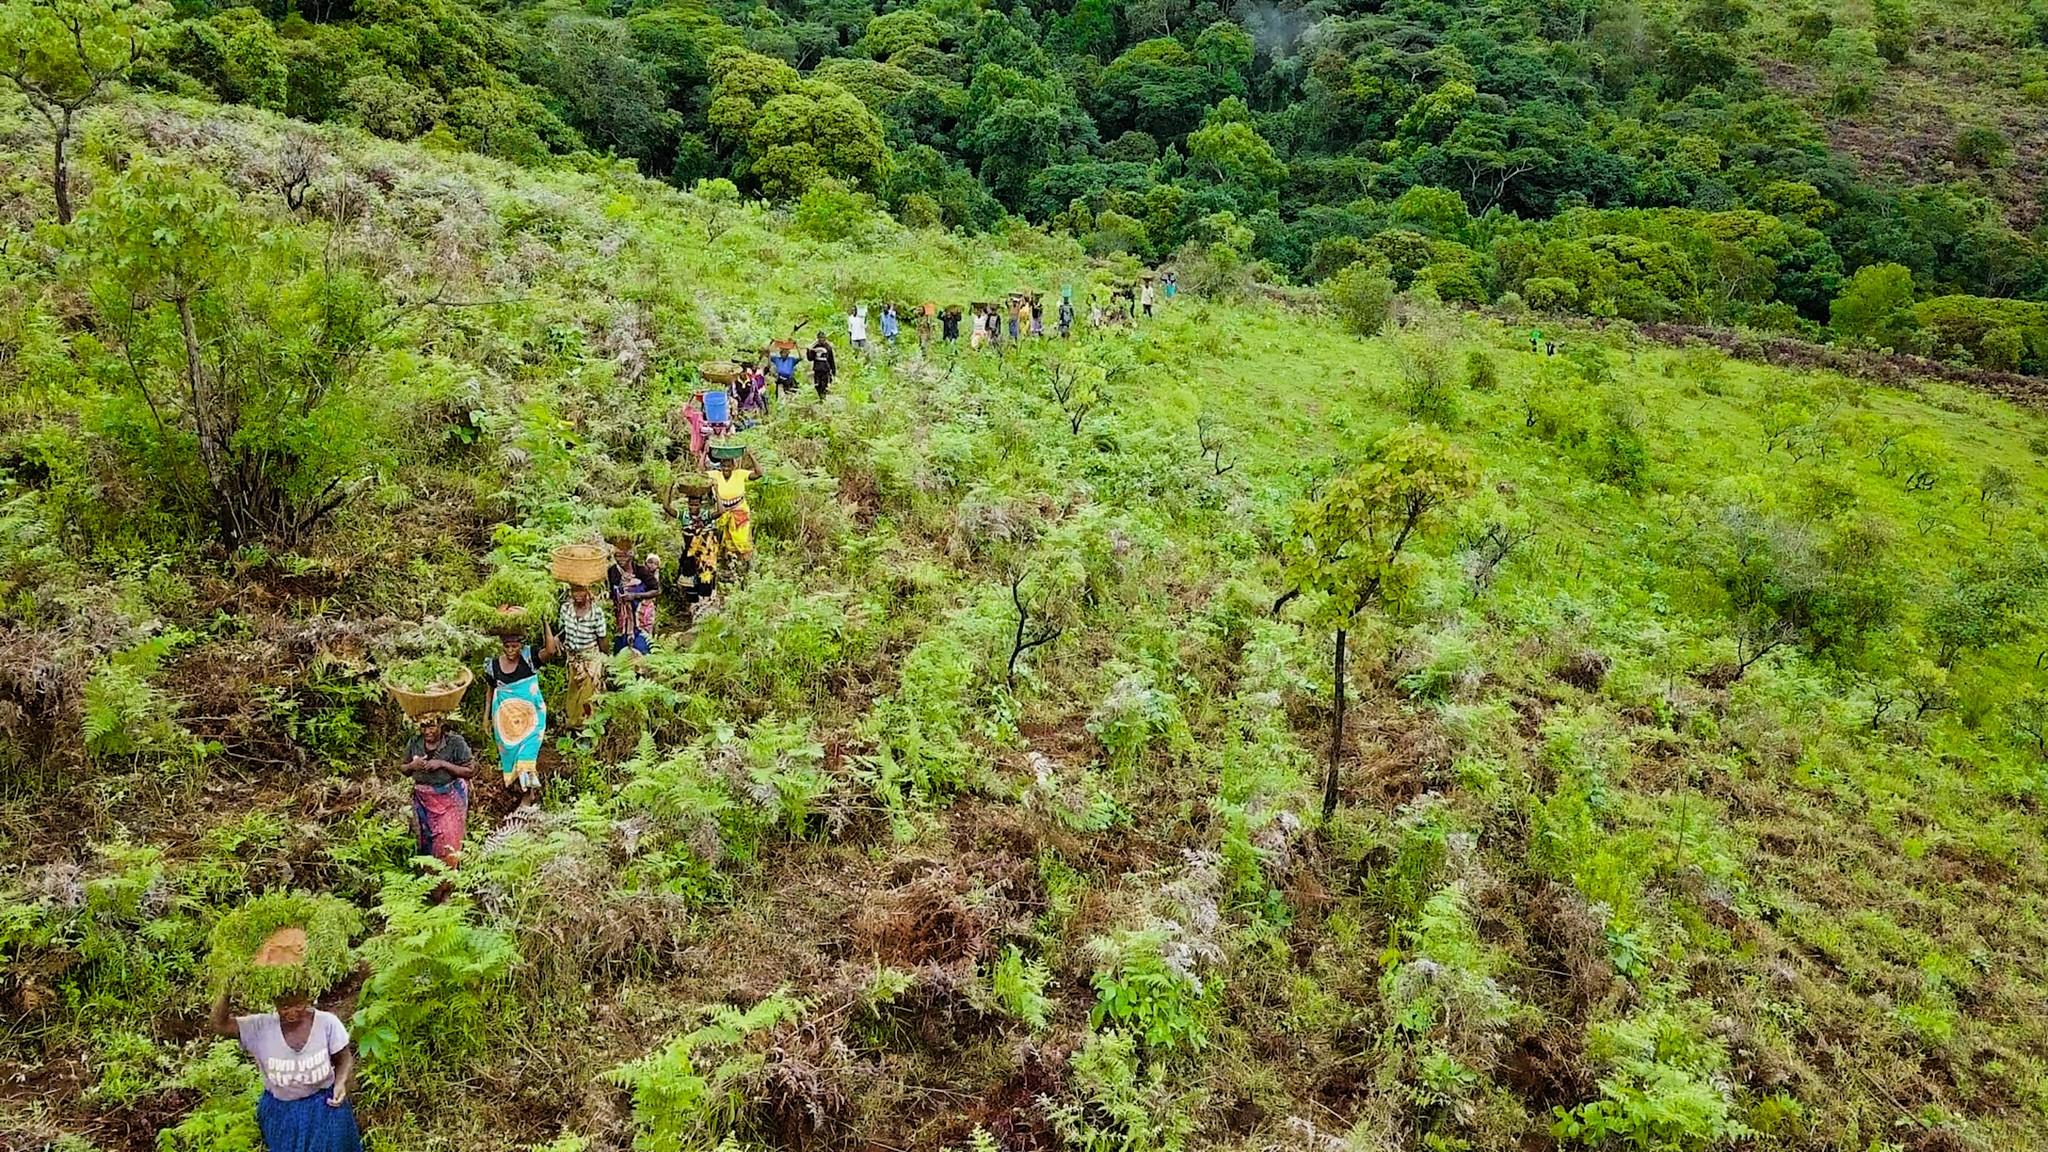 Misuku community forest 1